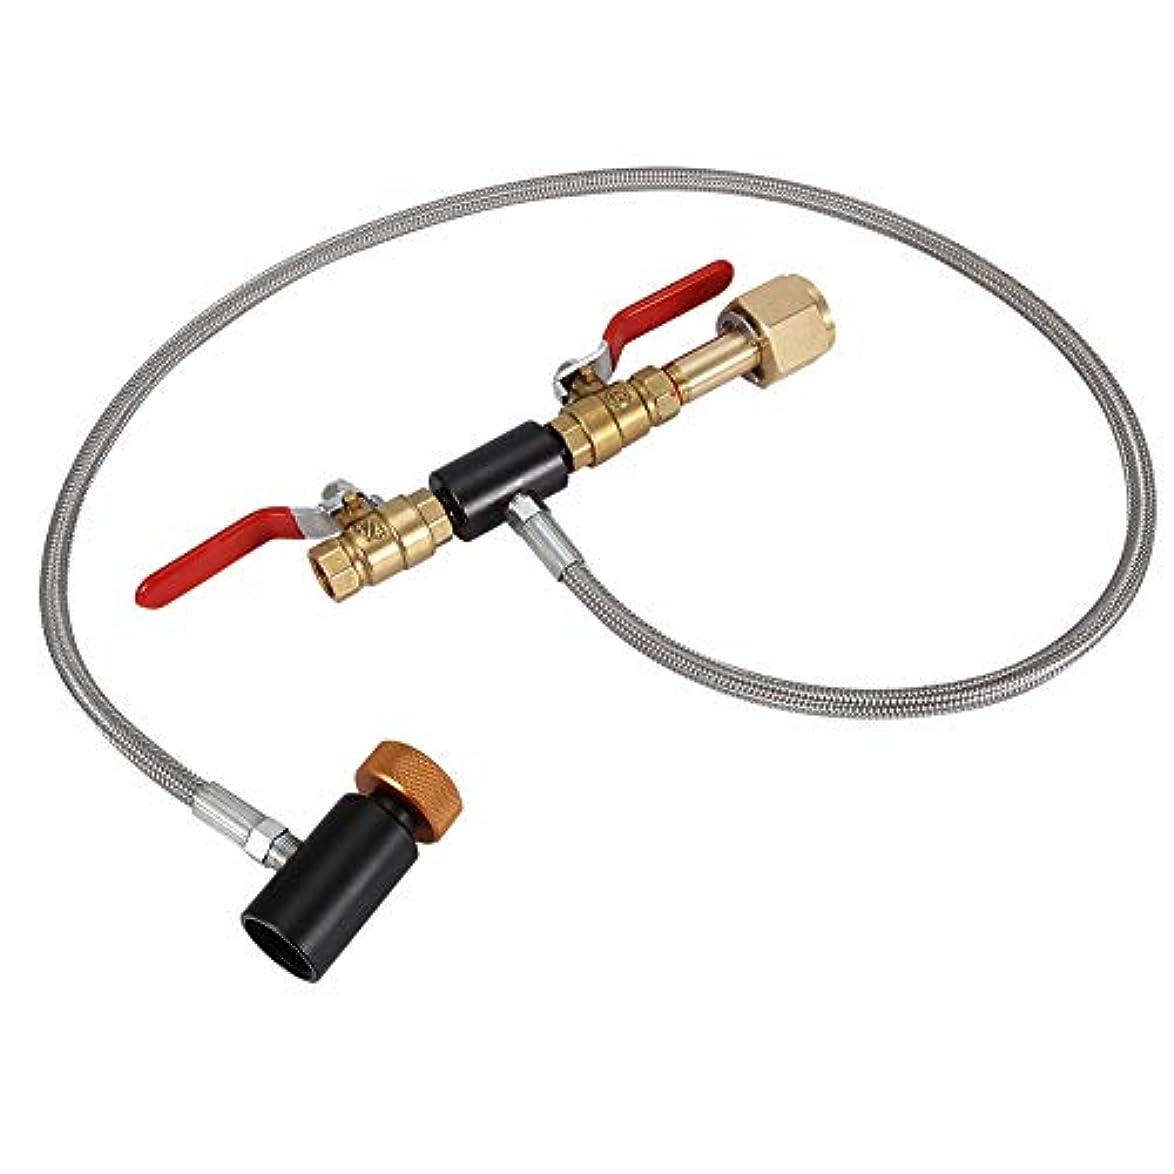 肘好みうなり声充填ソーダストリームタンク用ホース付きG1 / 2 CO2シリンダー詰め替えアダプターボトルコネクタCO2タンクソーダメーカーアクセサリー(ゲージなし36インチ)